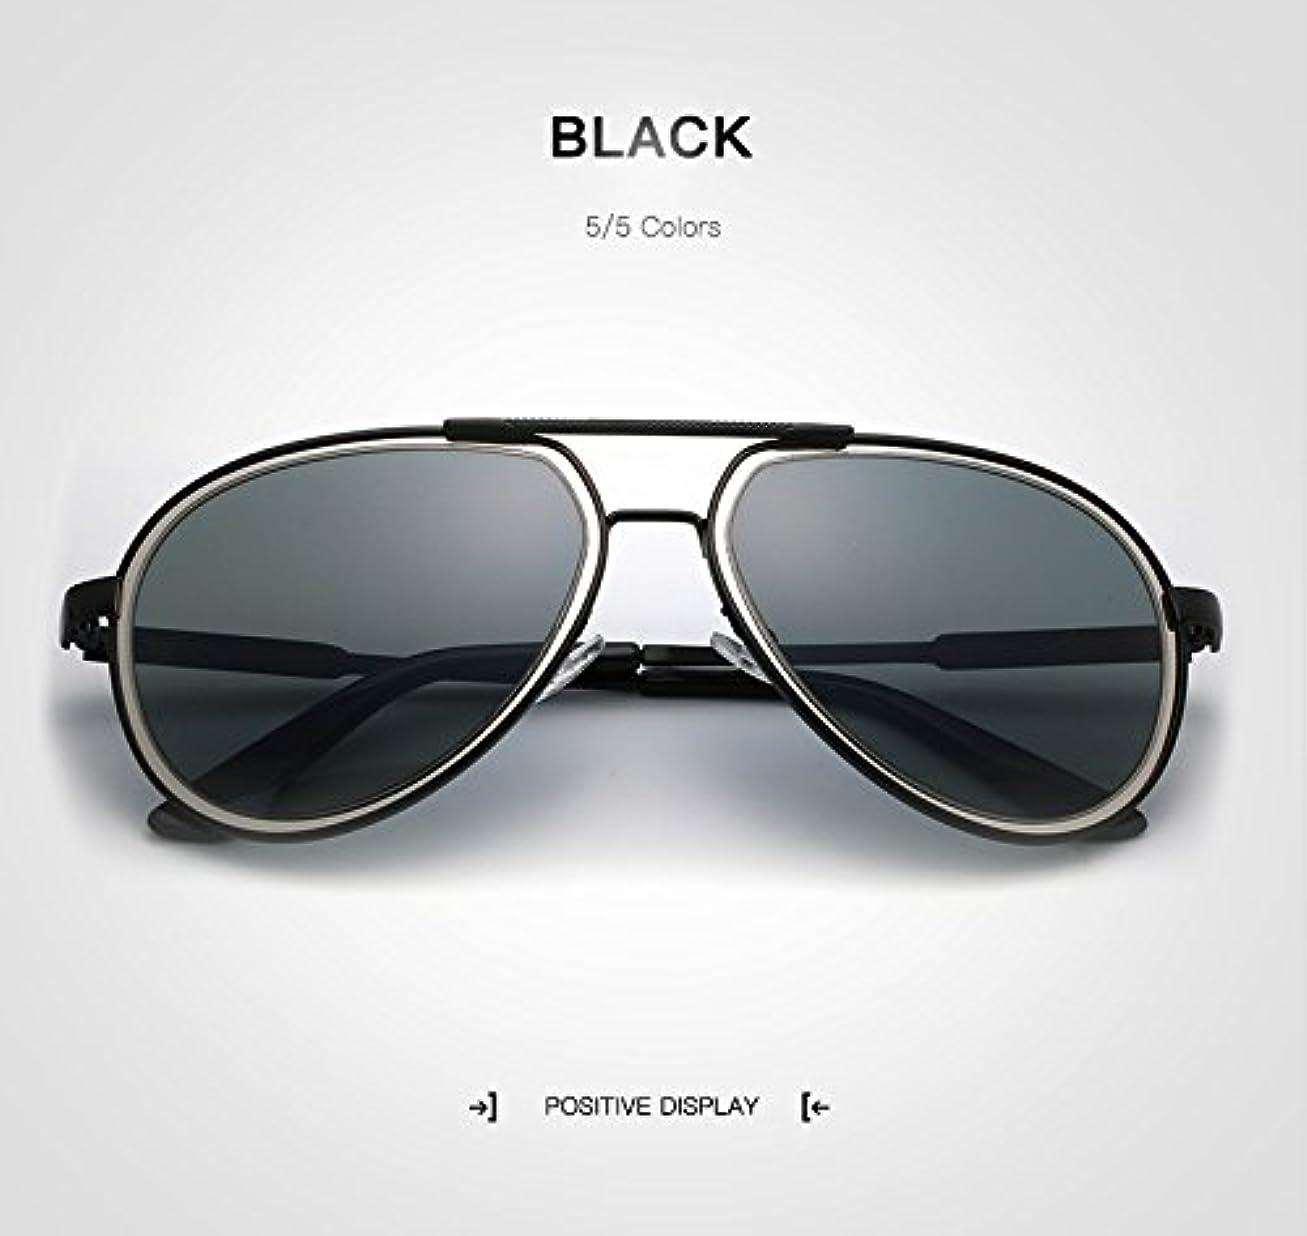 非効率的なそれらたくさんのサングラス 男性 偏光 太陽鏡 レトロパイロットサングラス サングラス メガネ, ファッションサングラス